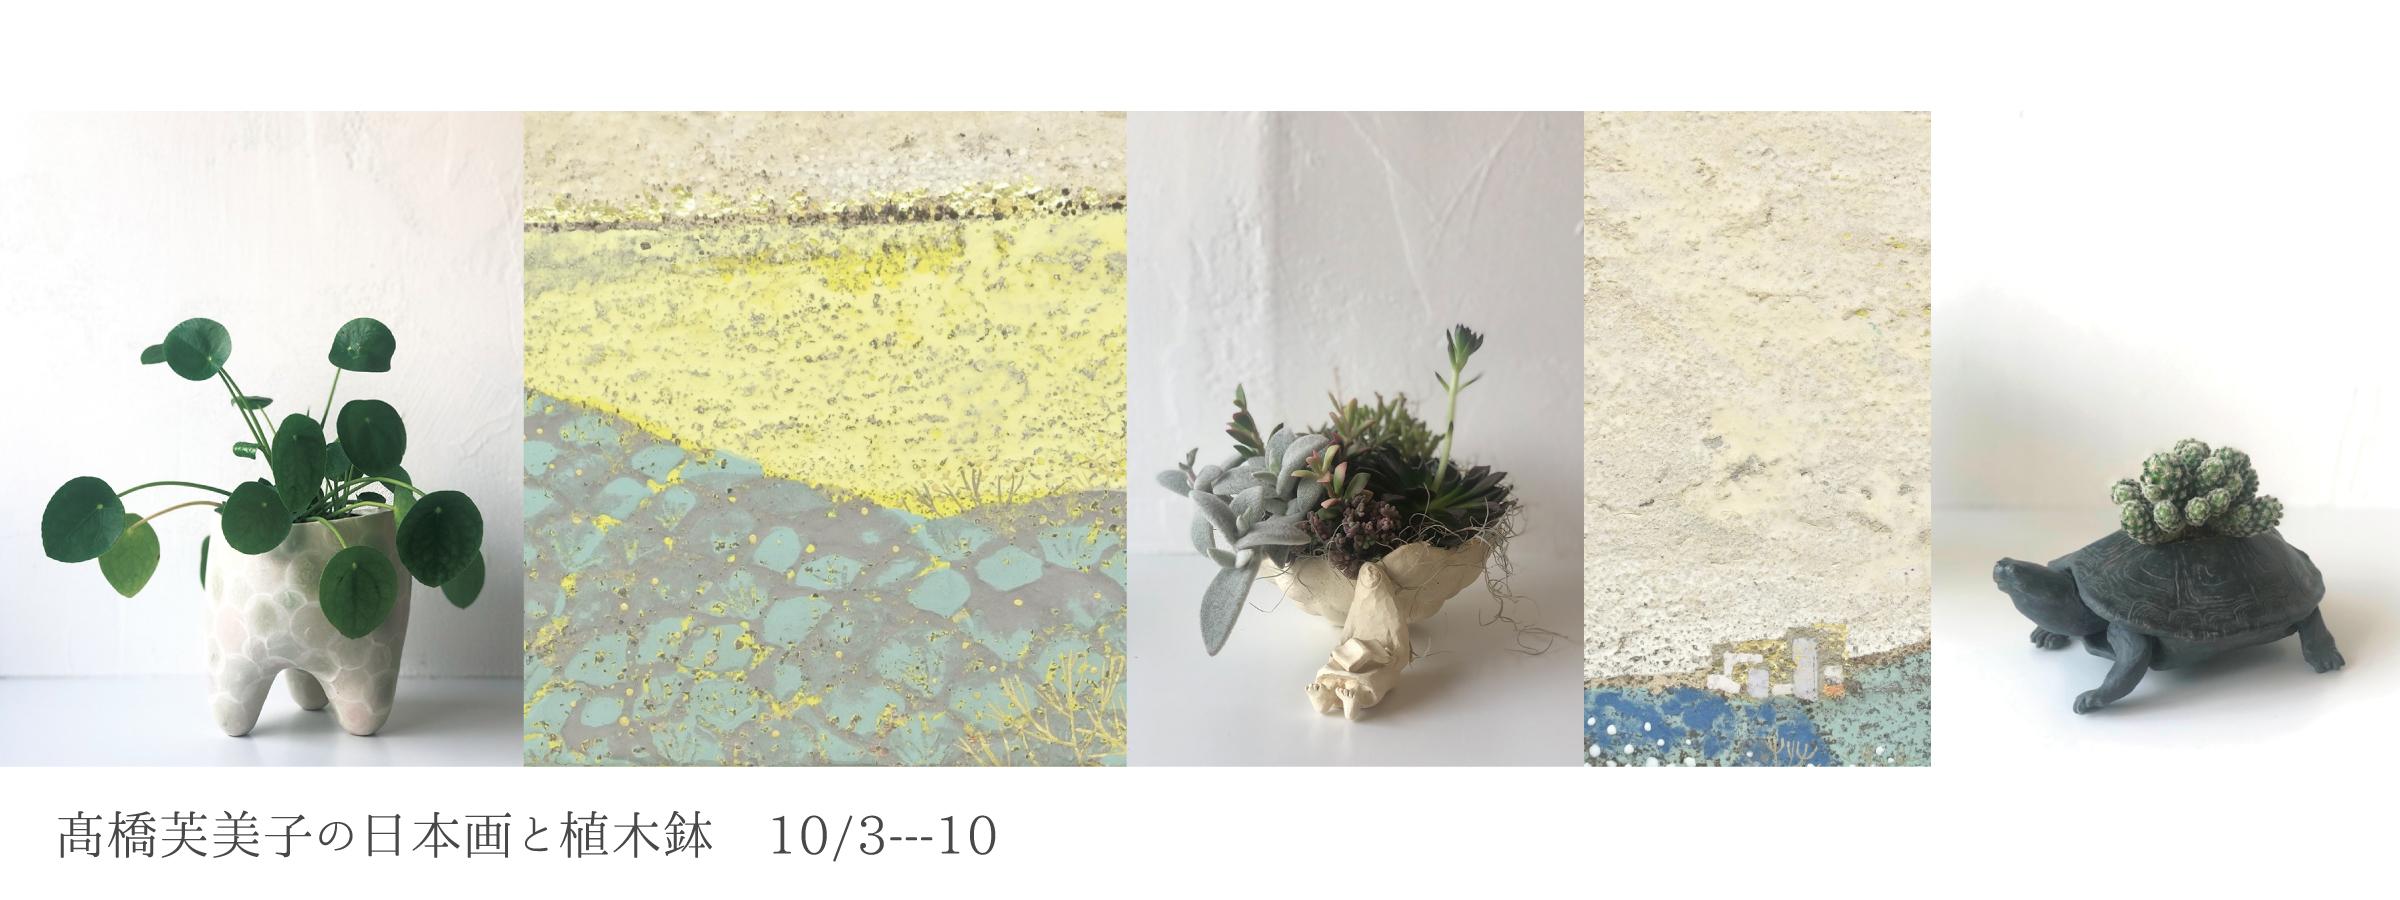 高橋芙美子に日本画と植木鉢